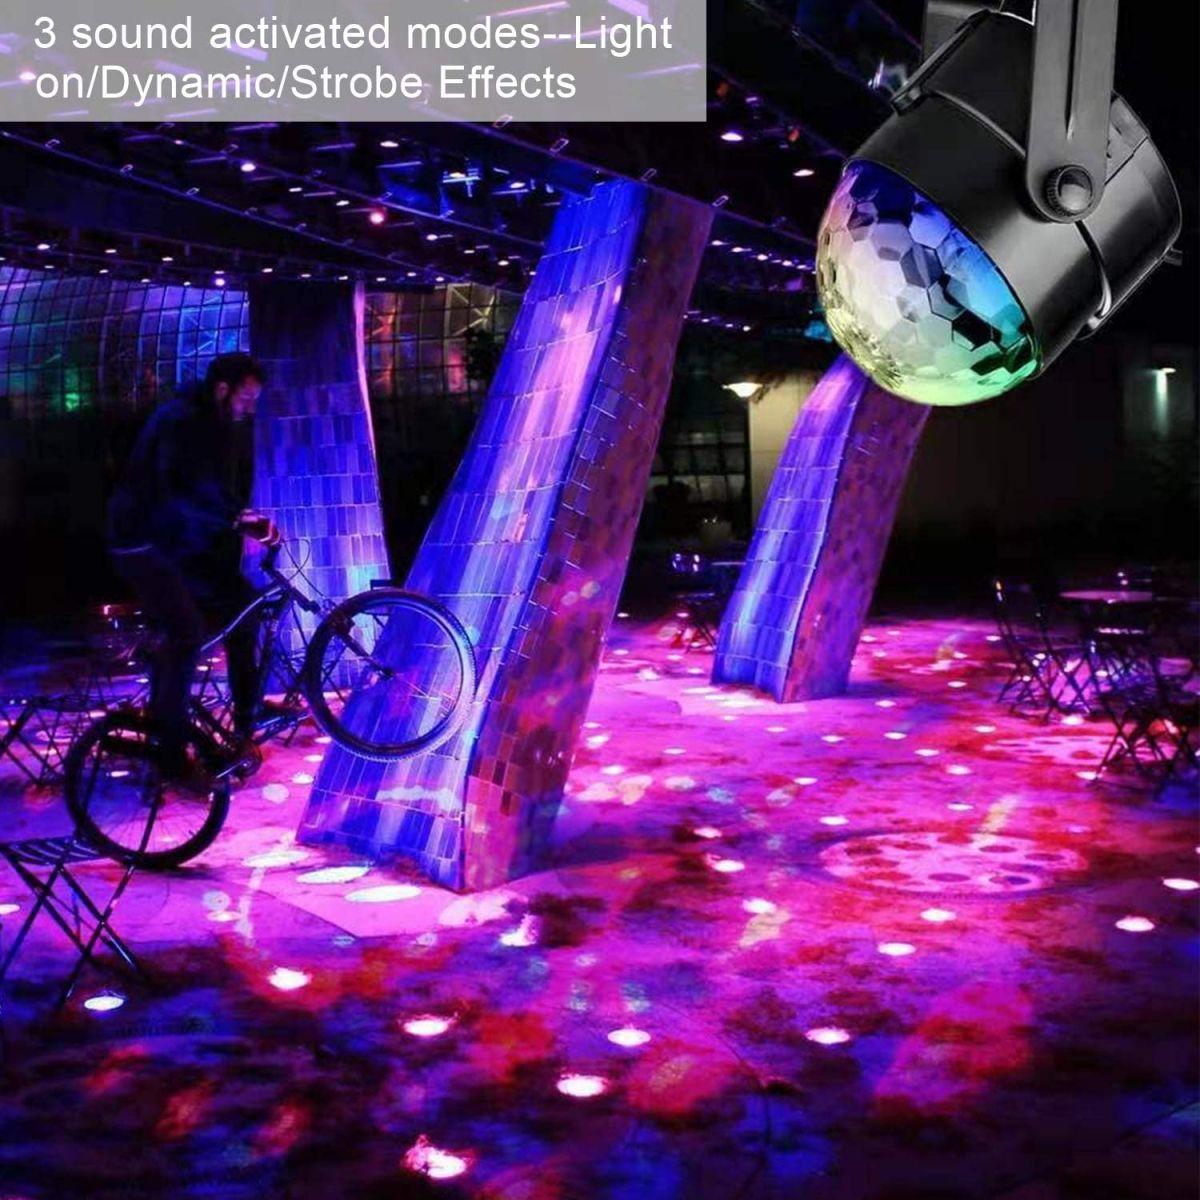 Đèn Led Vũ Trường 7 Màu Party Light Có Remote Điều Khiển 7 Chế Độ Màu Chớp Cực Đẹp